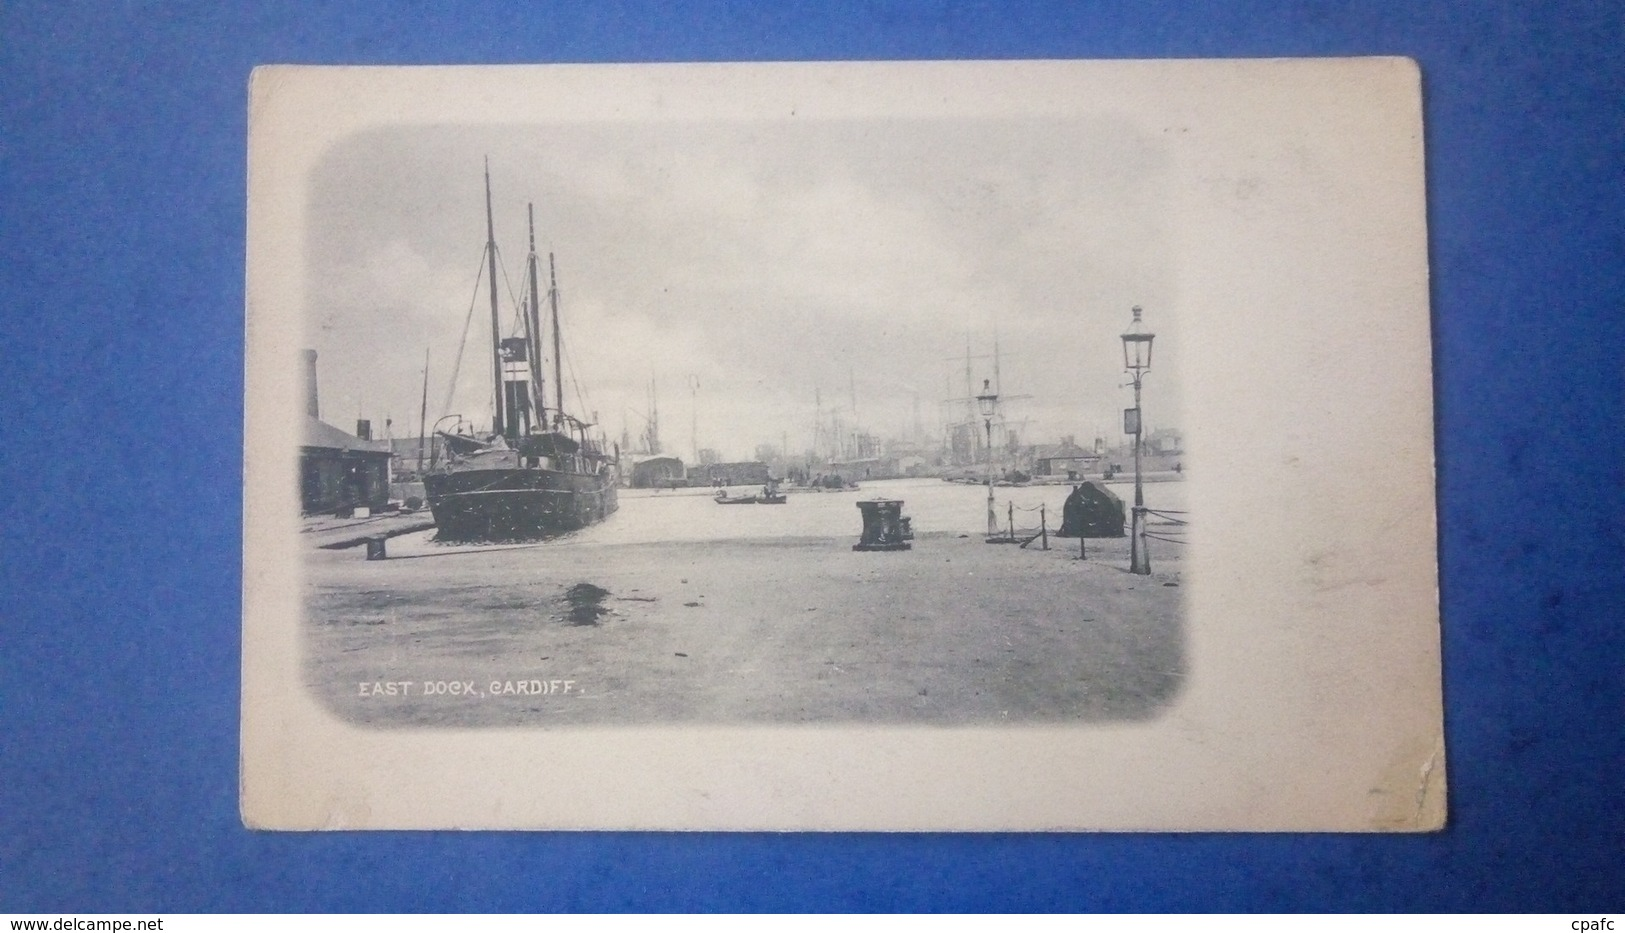 Royaume-Uni - Pays De Galles - East Dock, Cardiff (Boats, Bateaux) - Pays De Galles